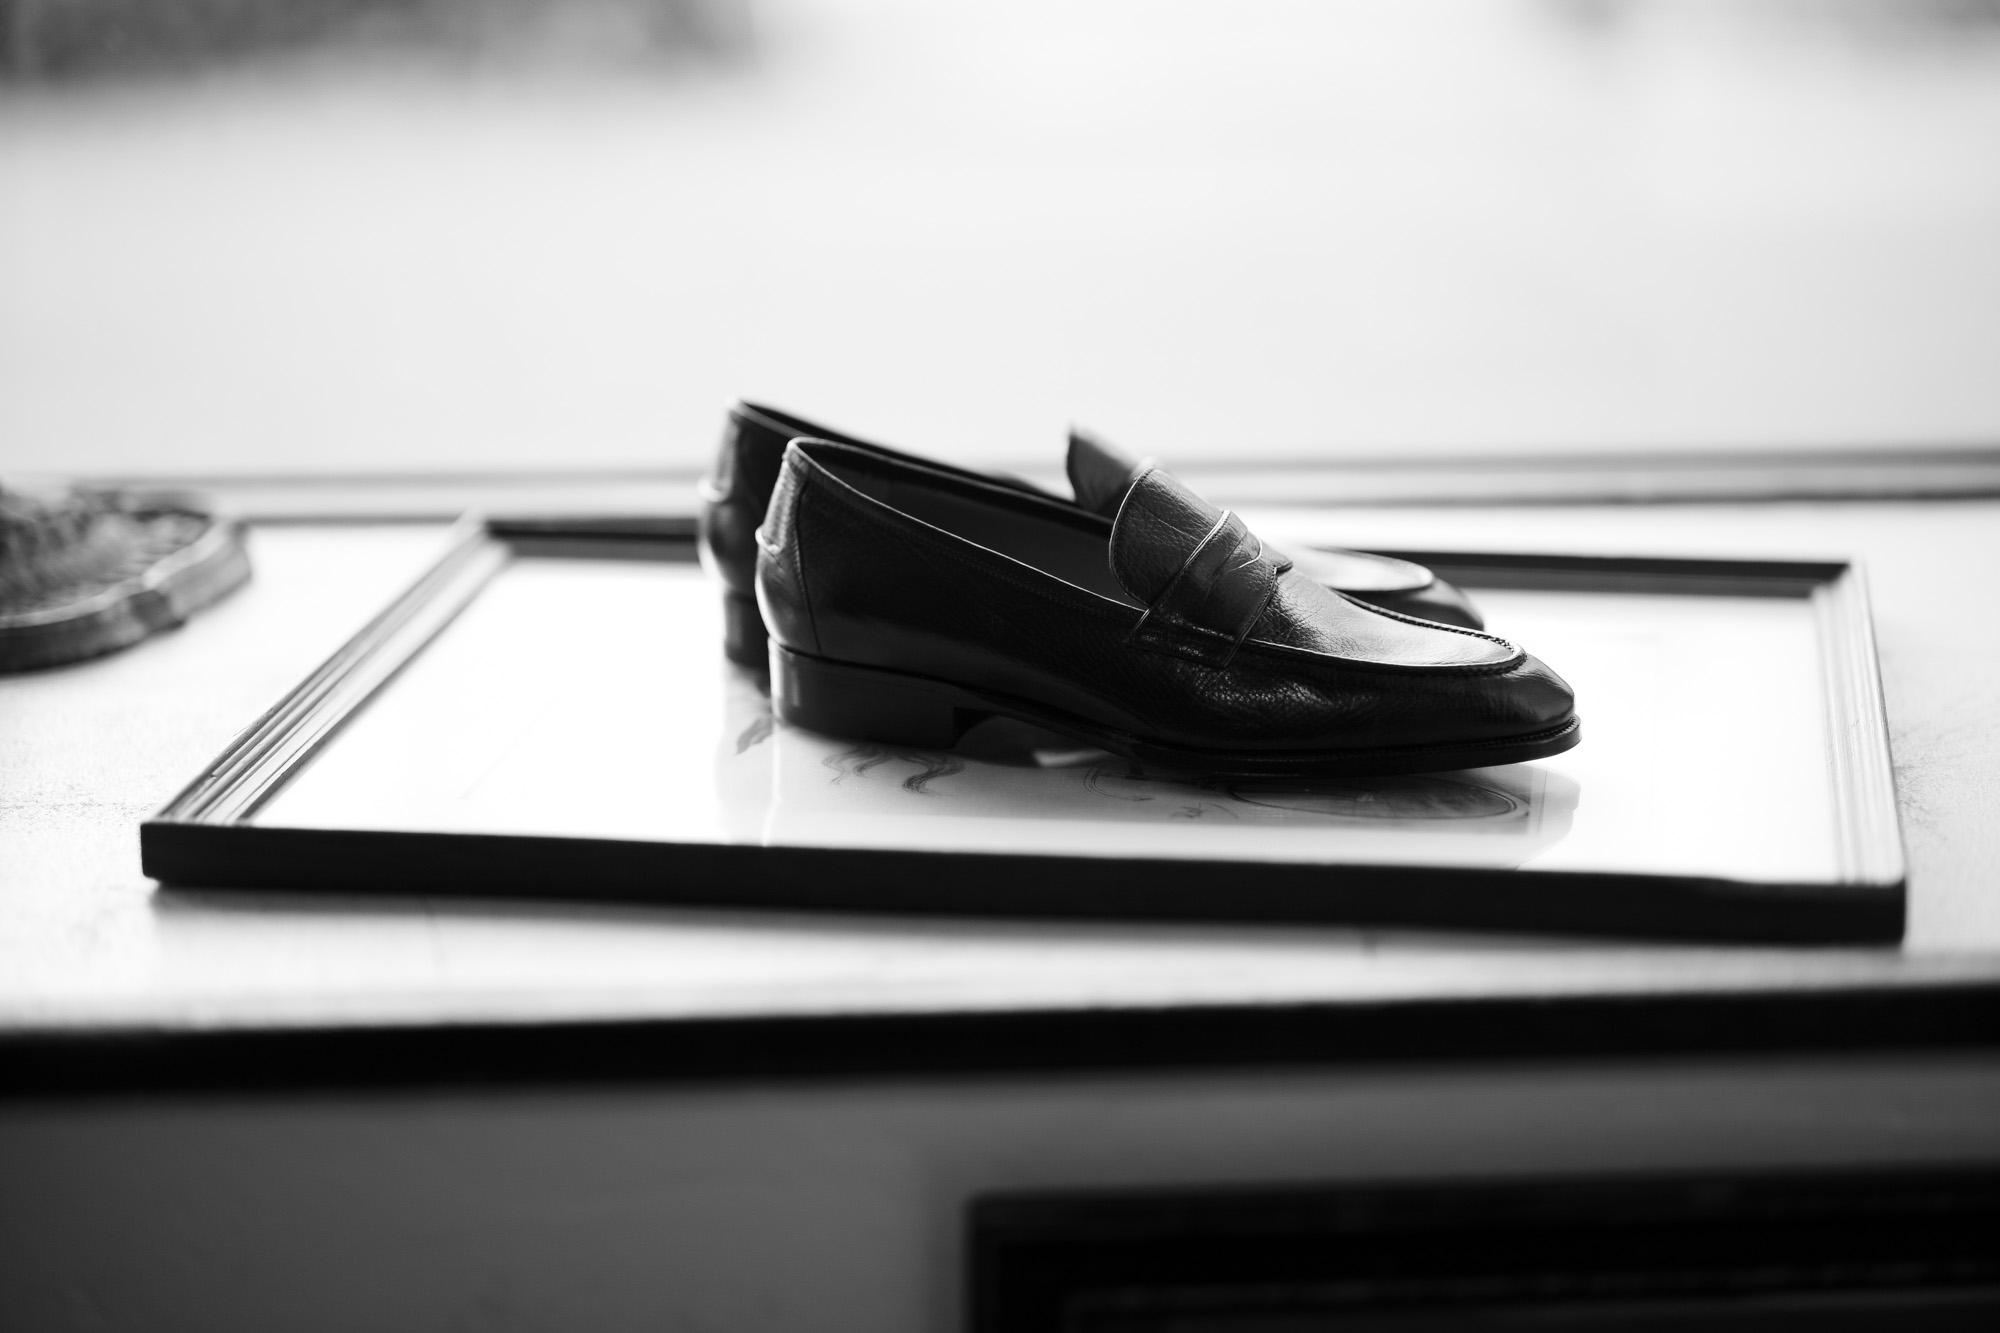 ENZO BONAFE(エンツォボナフェ) ART. EB-08 Coin Loafer コインローファー LAMA ラマレザー ドレスシューズ ローファー NERO(ブラック) made in italy (イタリア製) 2019 秋冬 【ご予約受付中】 愛知 名古屋 enzobonafe エンツォボナフェ eb08 ローファー zodiac nagoya alto e diritto altoediritto アルトエデリット コードバン